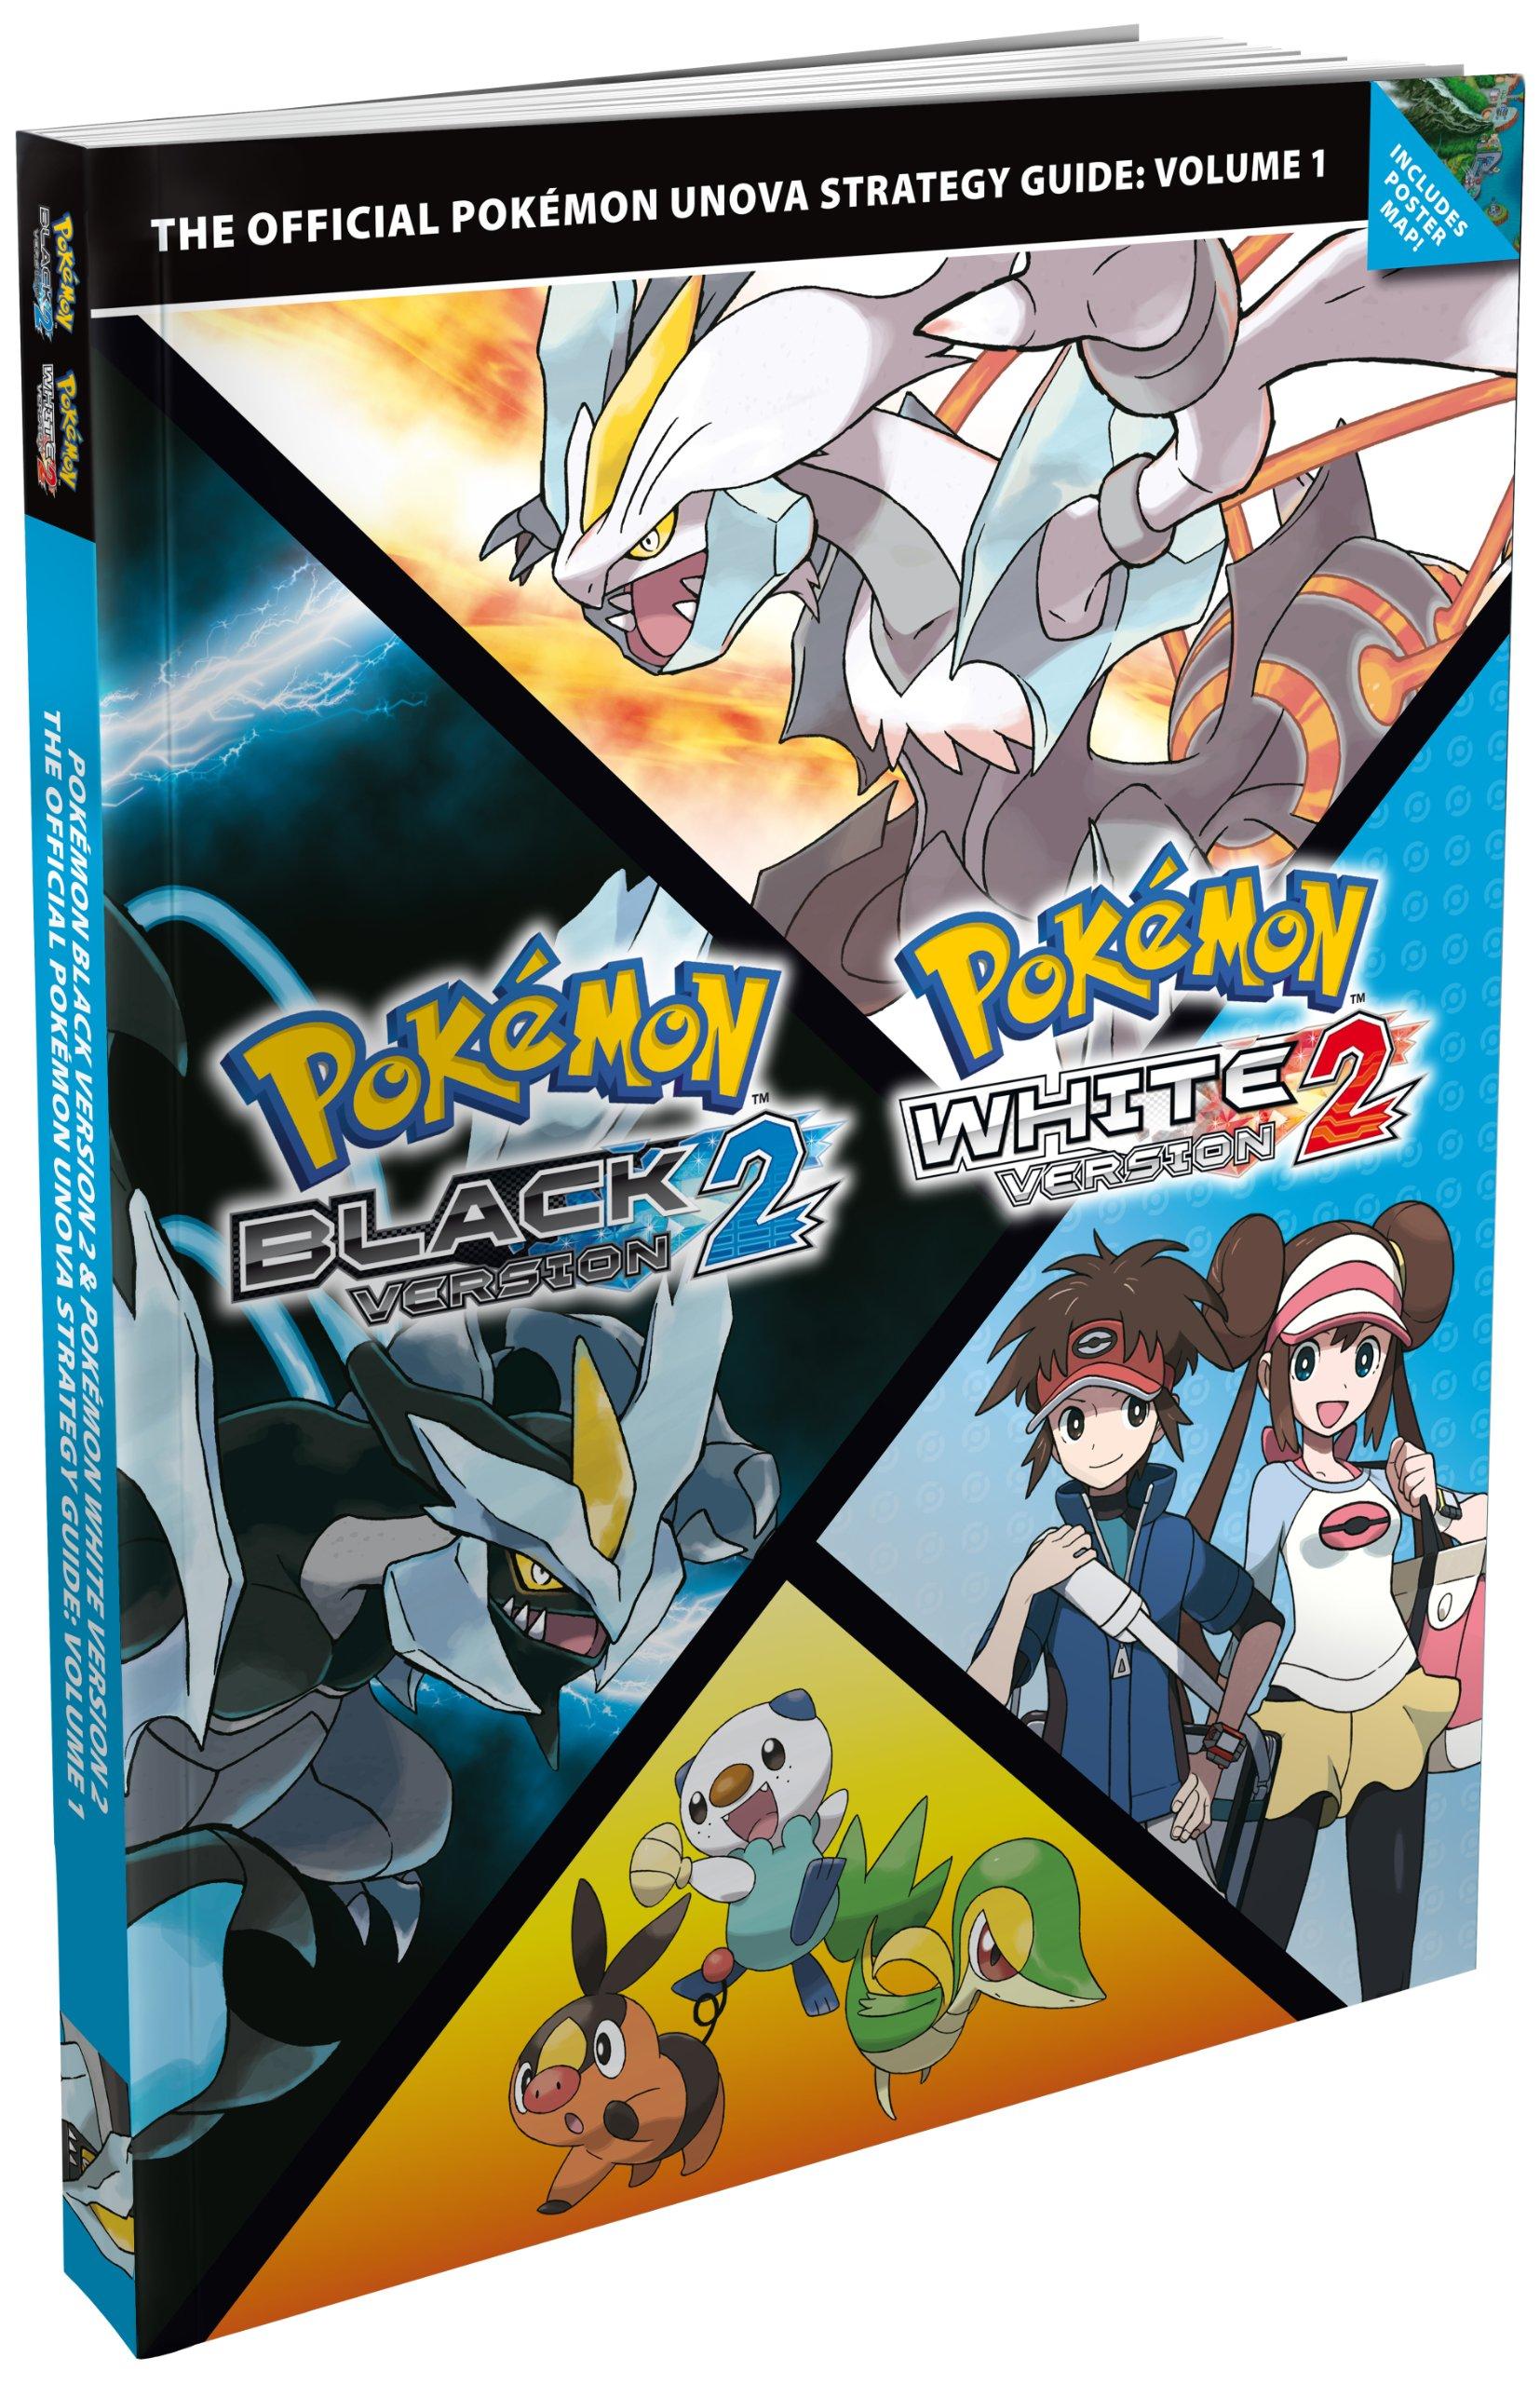 pok mon black version 2 pok mon white version 2 vol 1 the rh amazon co uk Pokemon X and Y Strategy Guide Pokemon White Strategy Guide